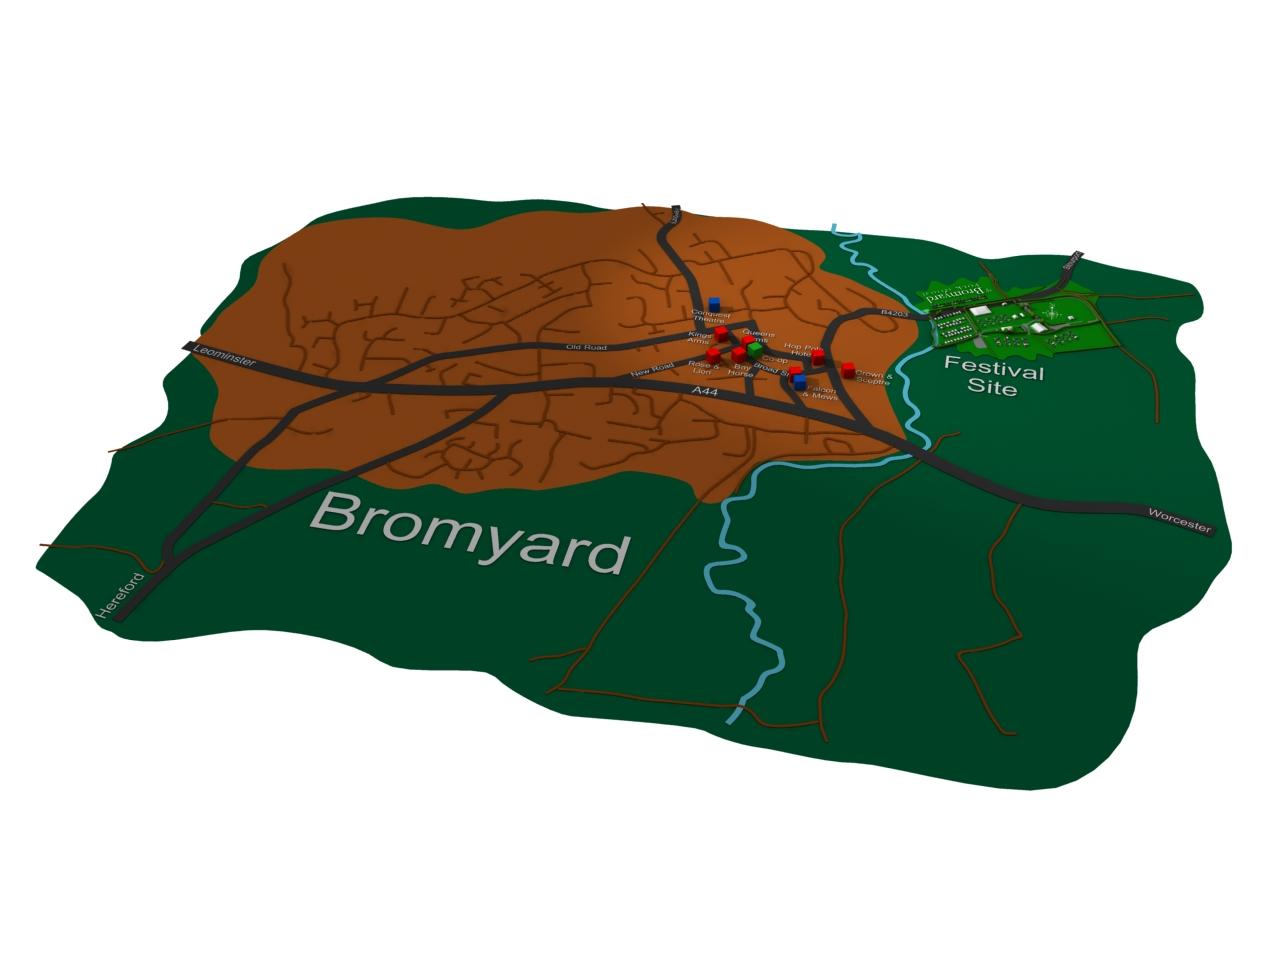 Bromyard Town map